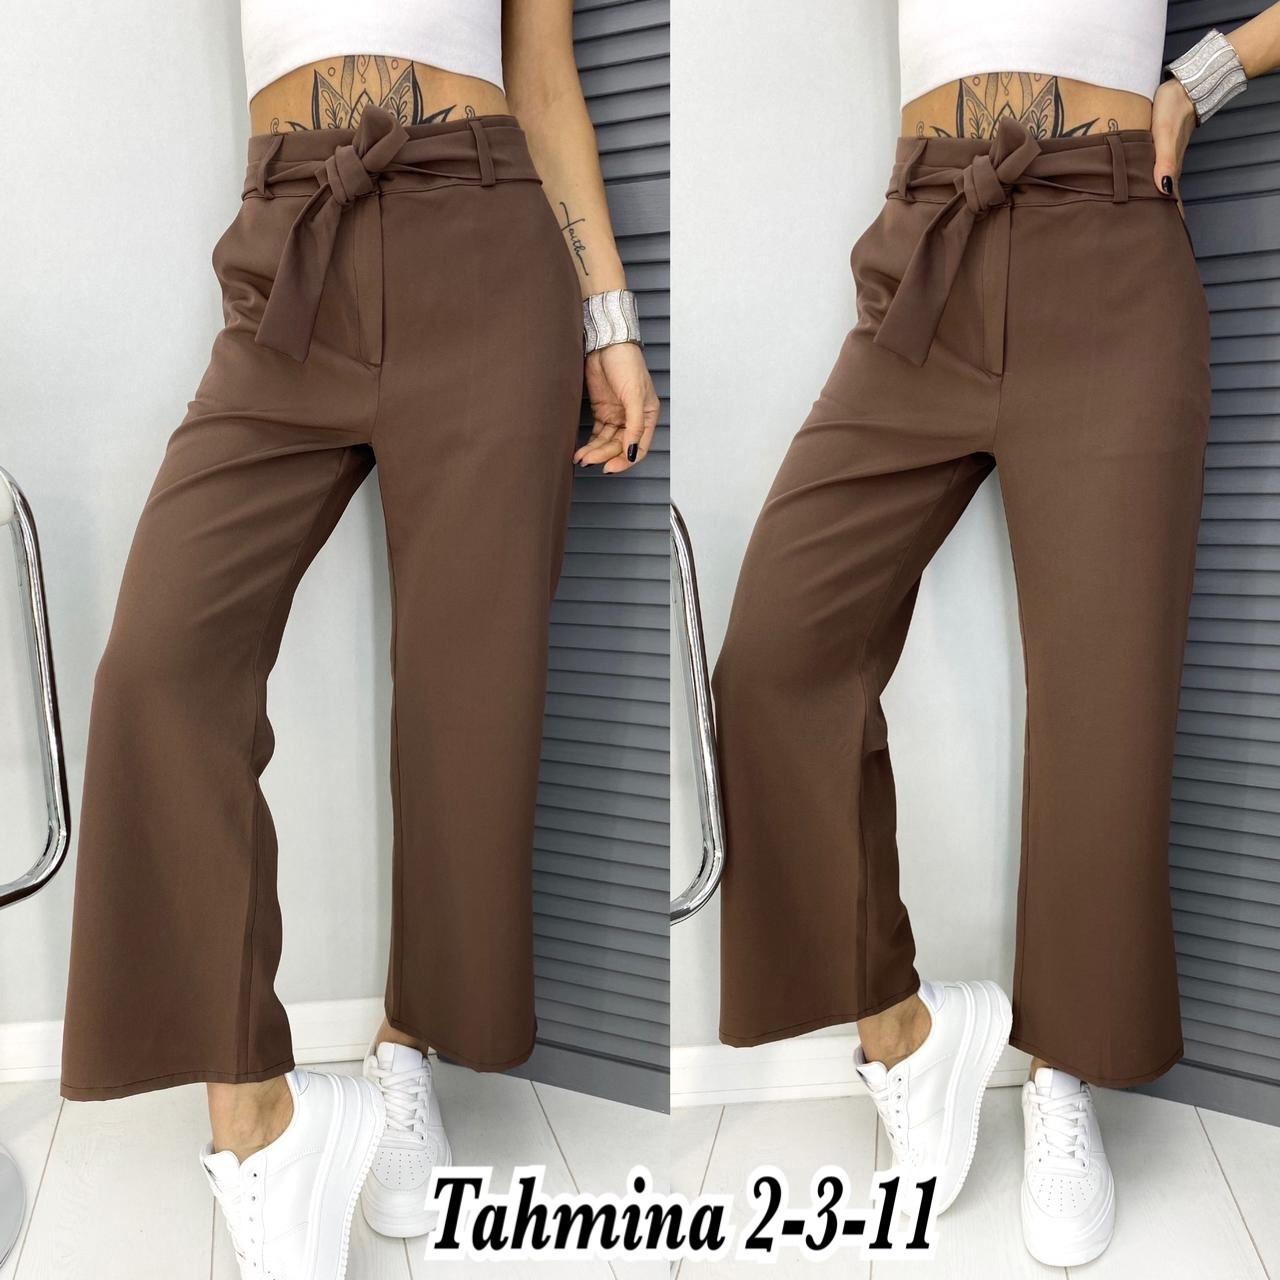 Жіночі брюки, костюмка класу люкс, р-р 42-44; 44-46 (мокко)